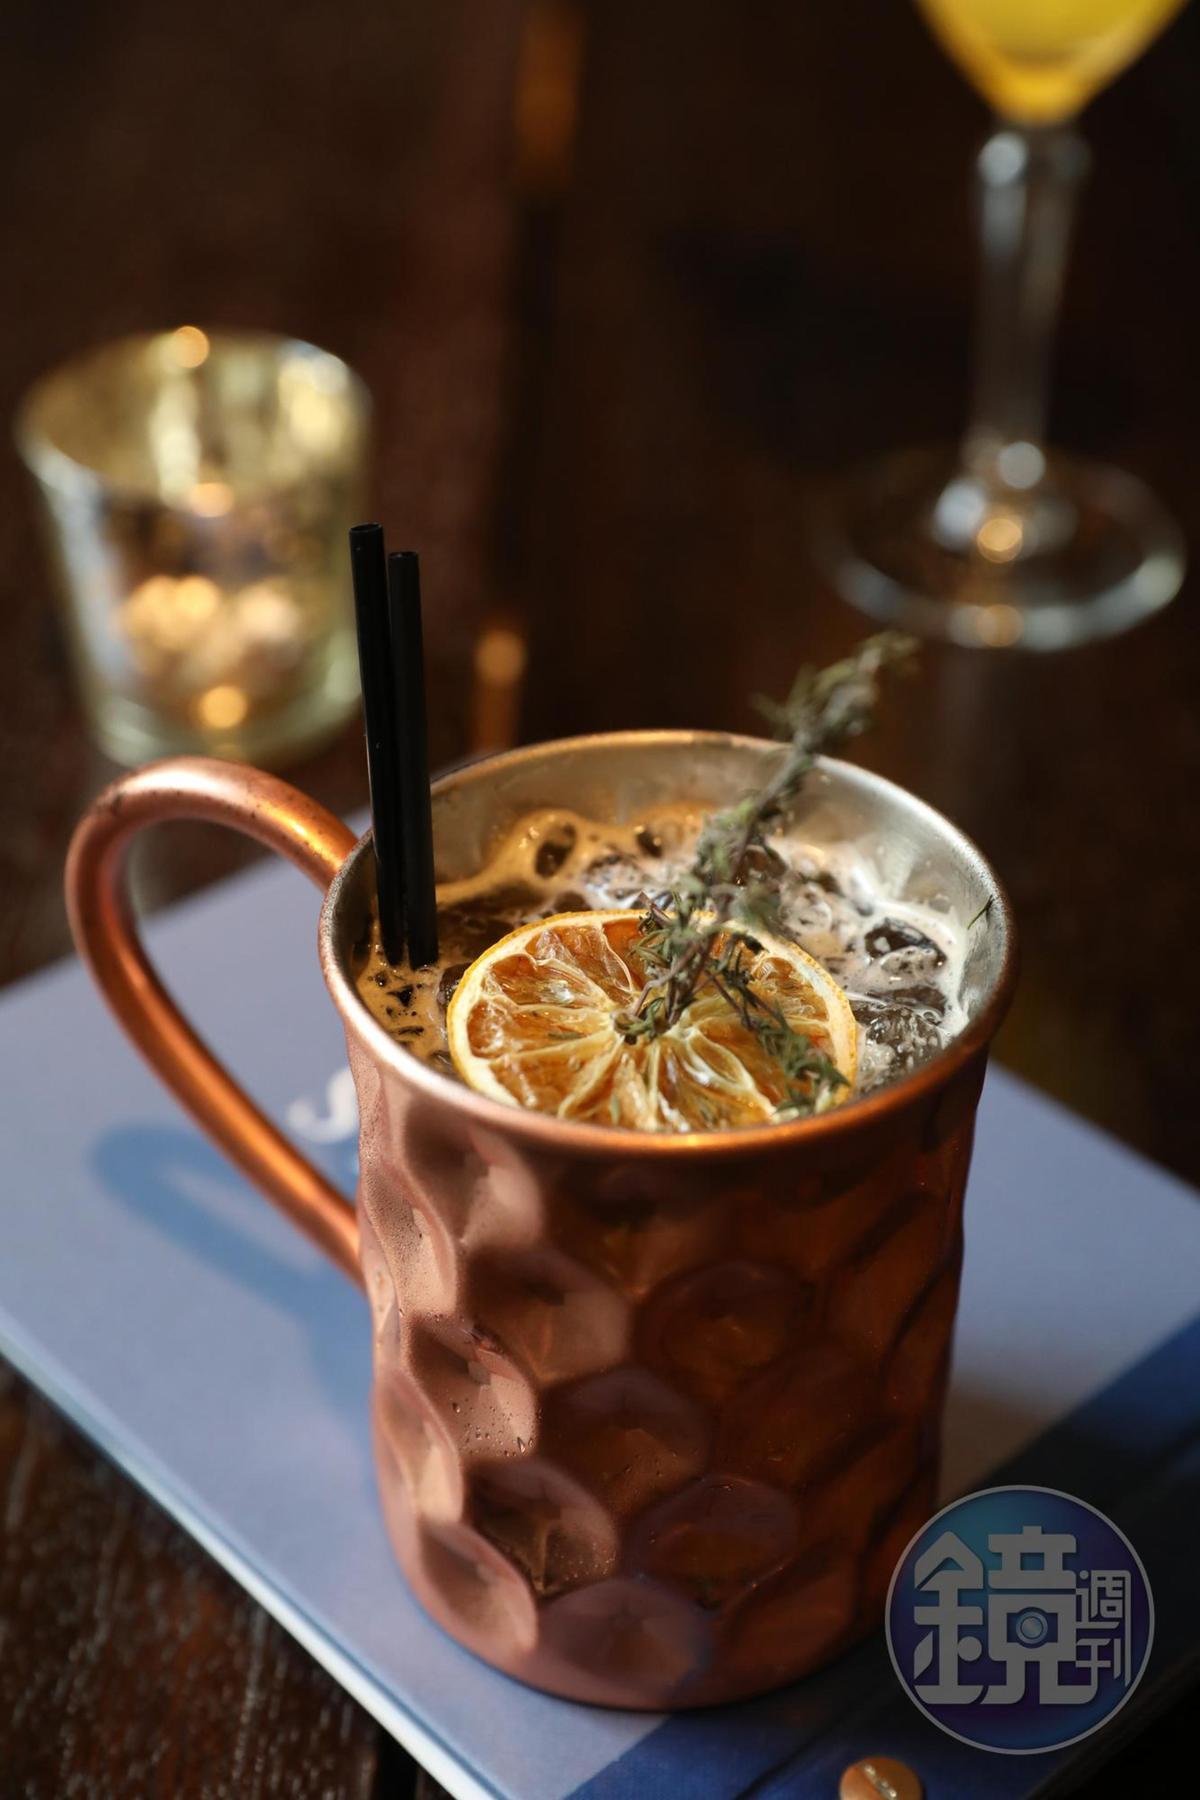 「Thyme for a BRU」以威士忌和蘇格蘭經典碳酸飲料Irn Bru調製,滋味酸甜,極易入口。(9英鎊/杯,約NT$364)